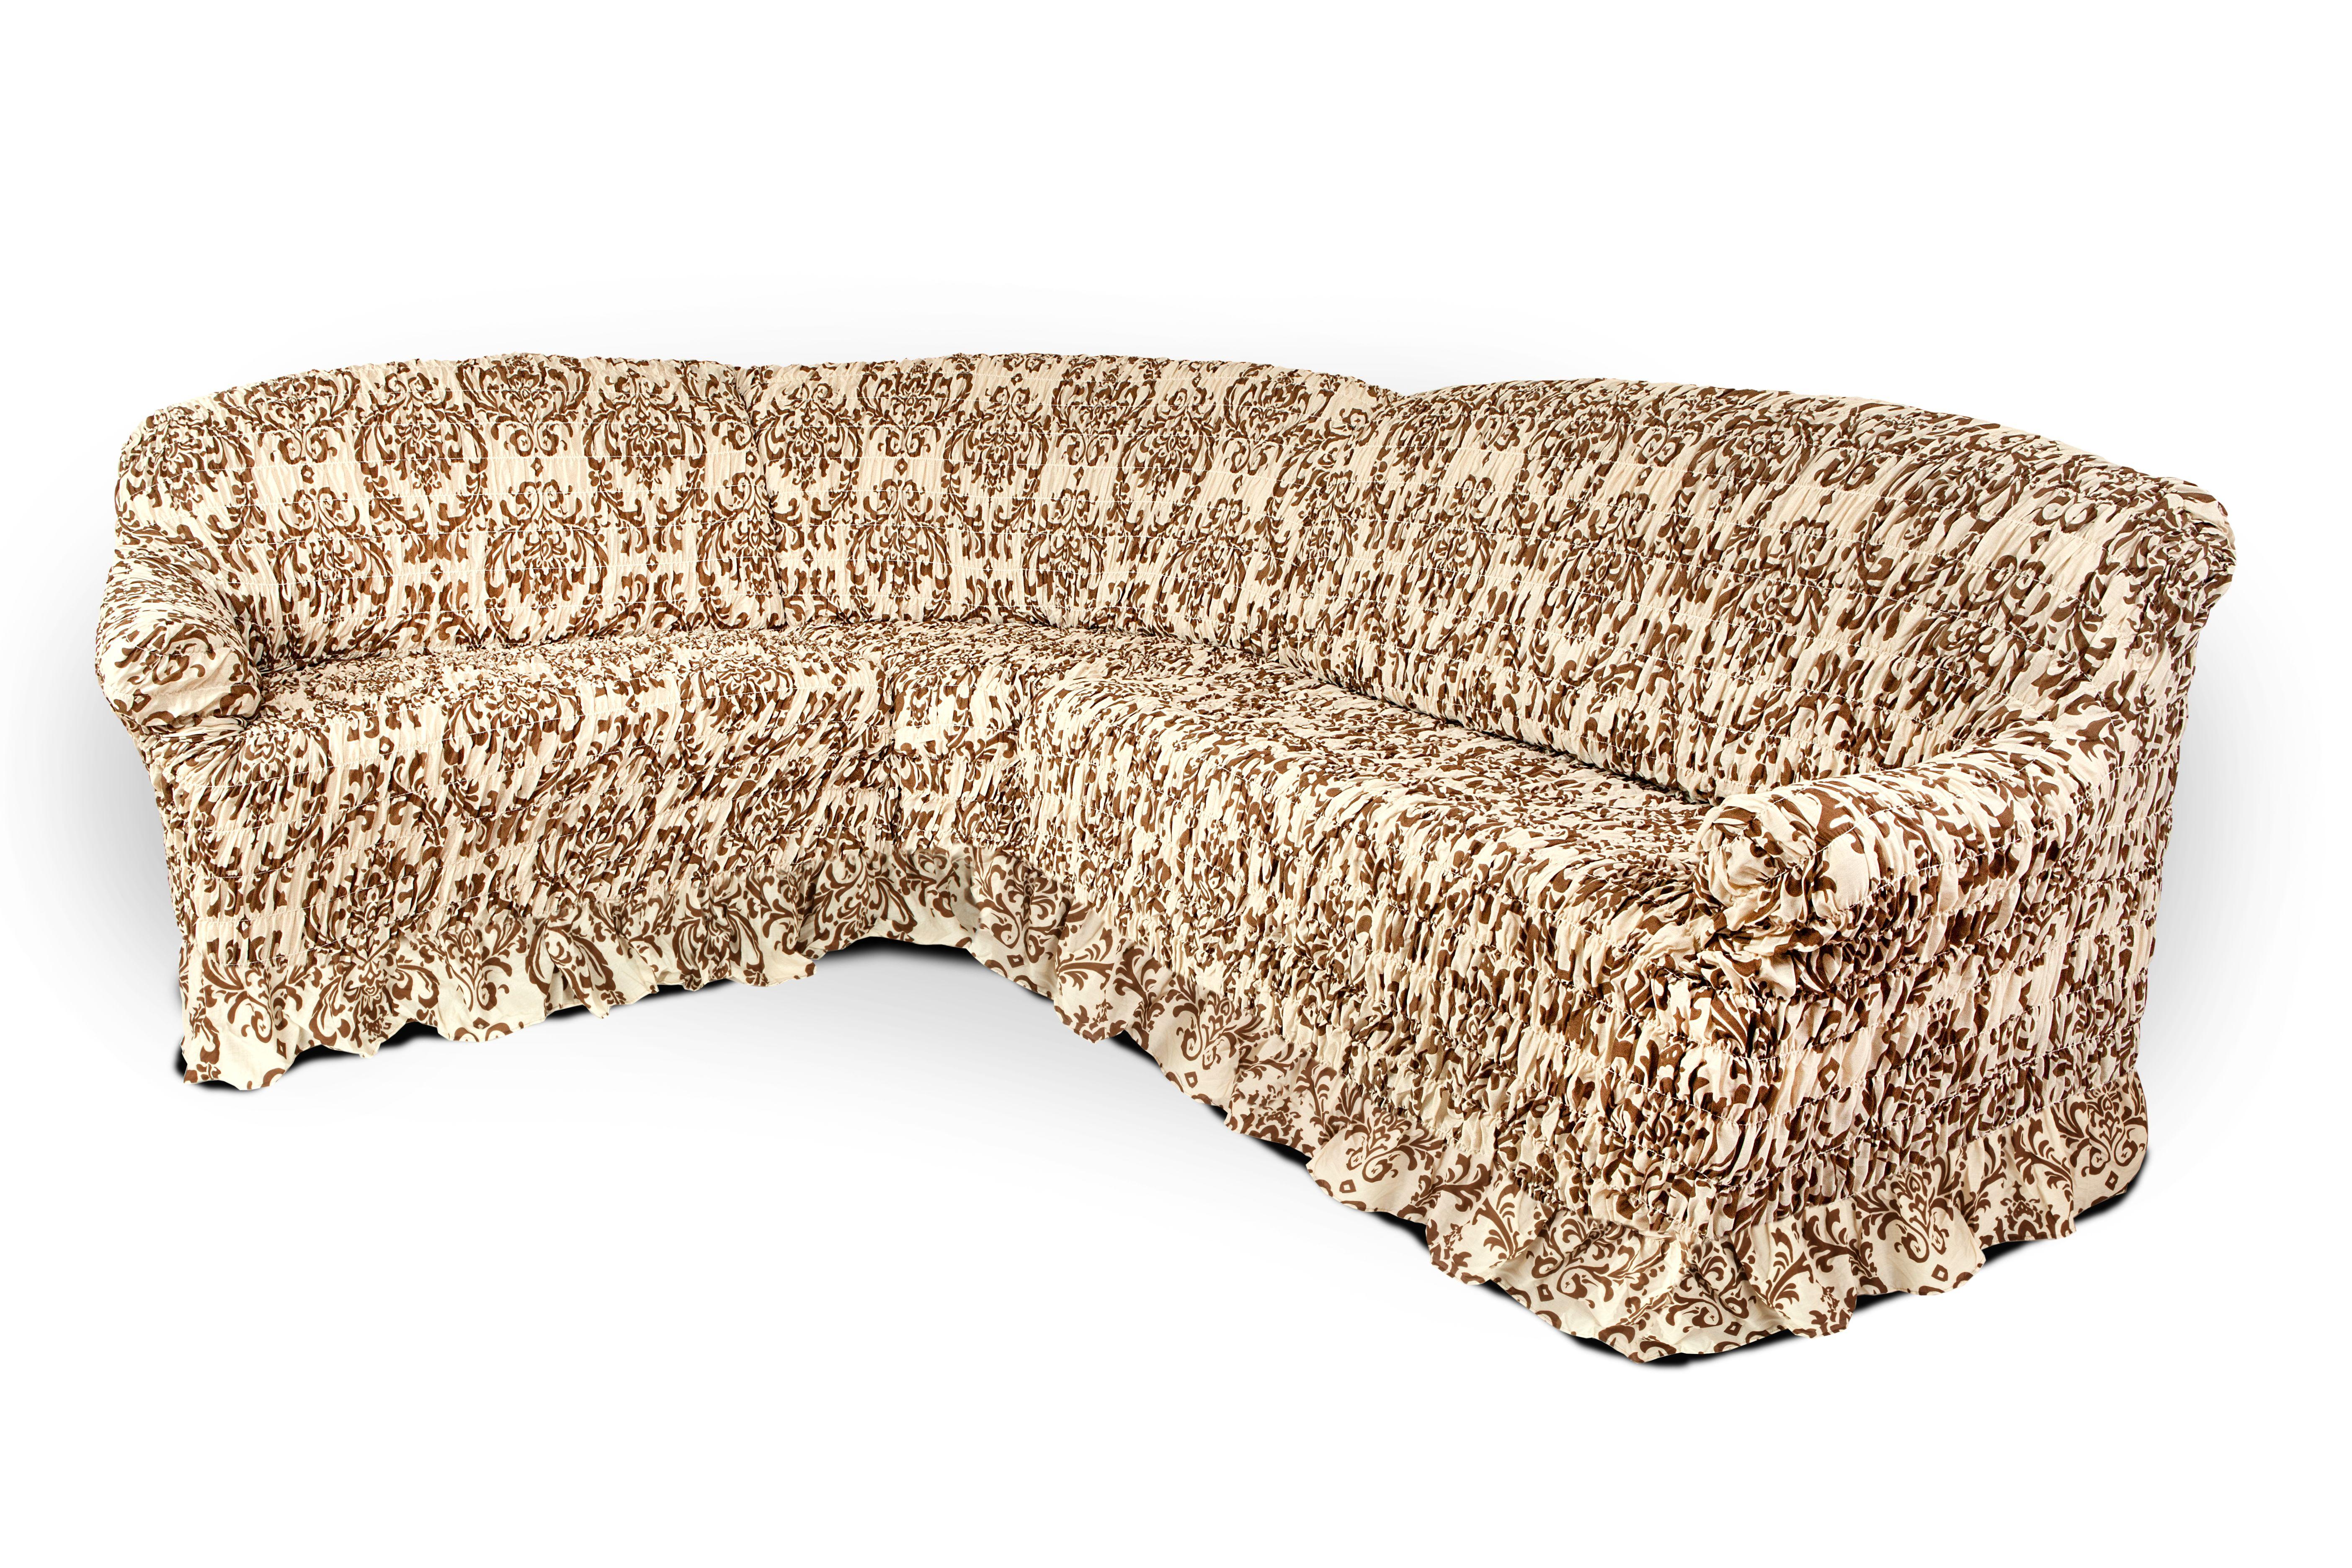 Чехол на угловой диван Еврочехол Фантазия. Венения, 380-530 см2/7-8Чехол на угловой диван Еврочехол Фантазия. Венения выполнен из 50% хлопка, 50% полиэстера. Он идеально подойдет для тех, кто хочет защитить свою мебель от постоянных воздействий. Этот чехол, благодаря прочности ткани, станет отличным решением для владельцев домашних животных. Кроме того, состав ткани гипоаллергенен, а потому безопасен для малышей или людей пожилого возраста. Такой чехол отлично впишется в любой интерьер. Он послужит не только практичной защитой для вашей мебели, но и приятно удивит вас мягкостью ткани и итальянским качеством производства. Растяжимость чехла по спинке (без учета подлокотников): 380-530 см.